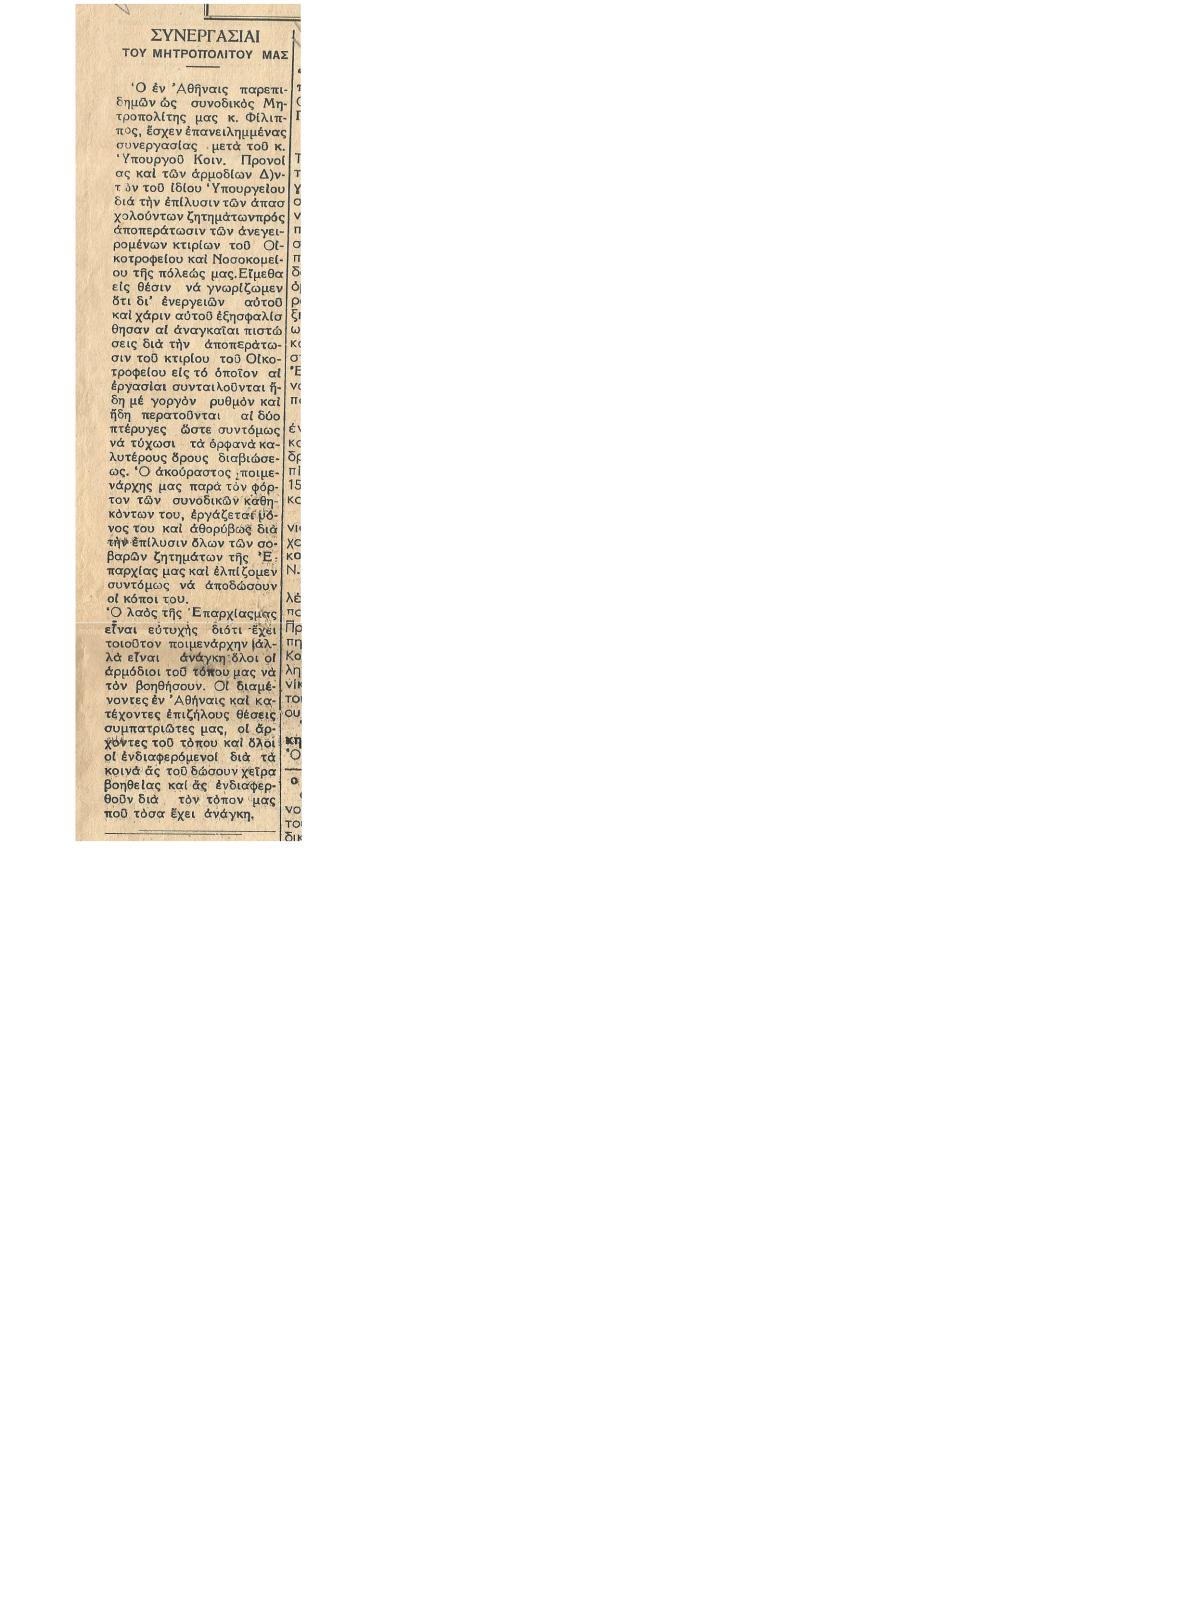 17-1-17 h foni 1955 (ar. fil 15)